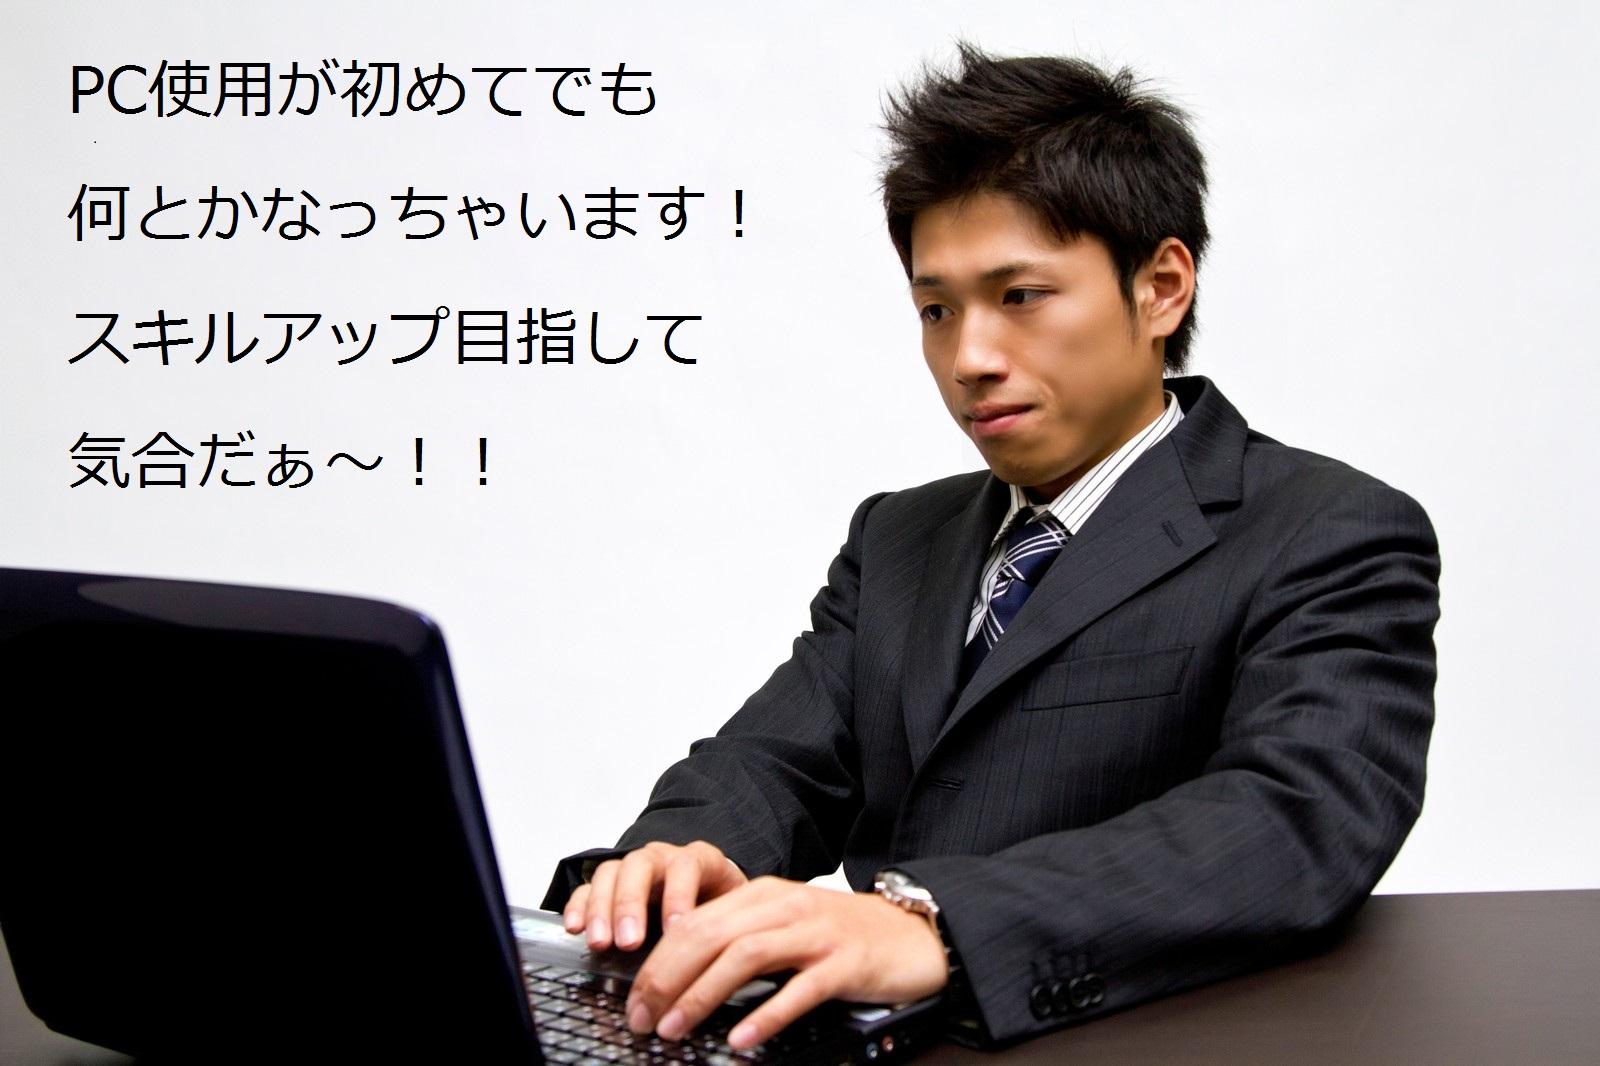 【飯田橋・新宿の求人】データの解析業務 PC基本操作出来ればOKです